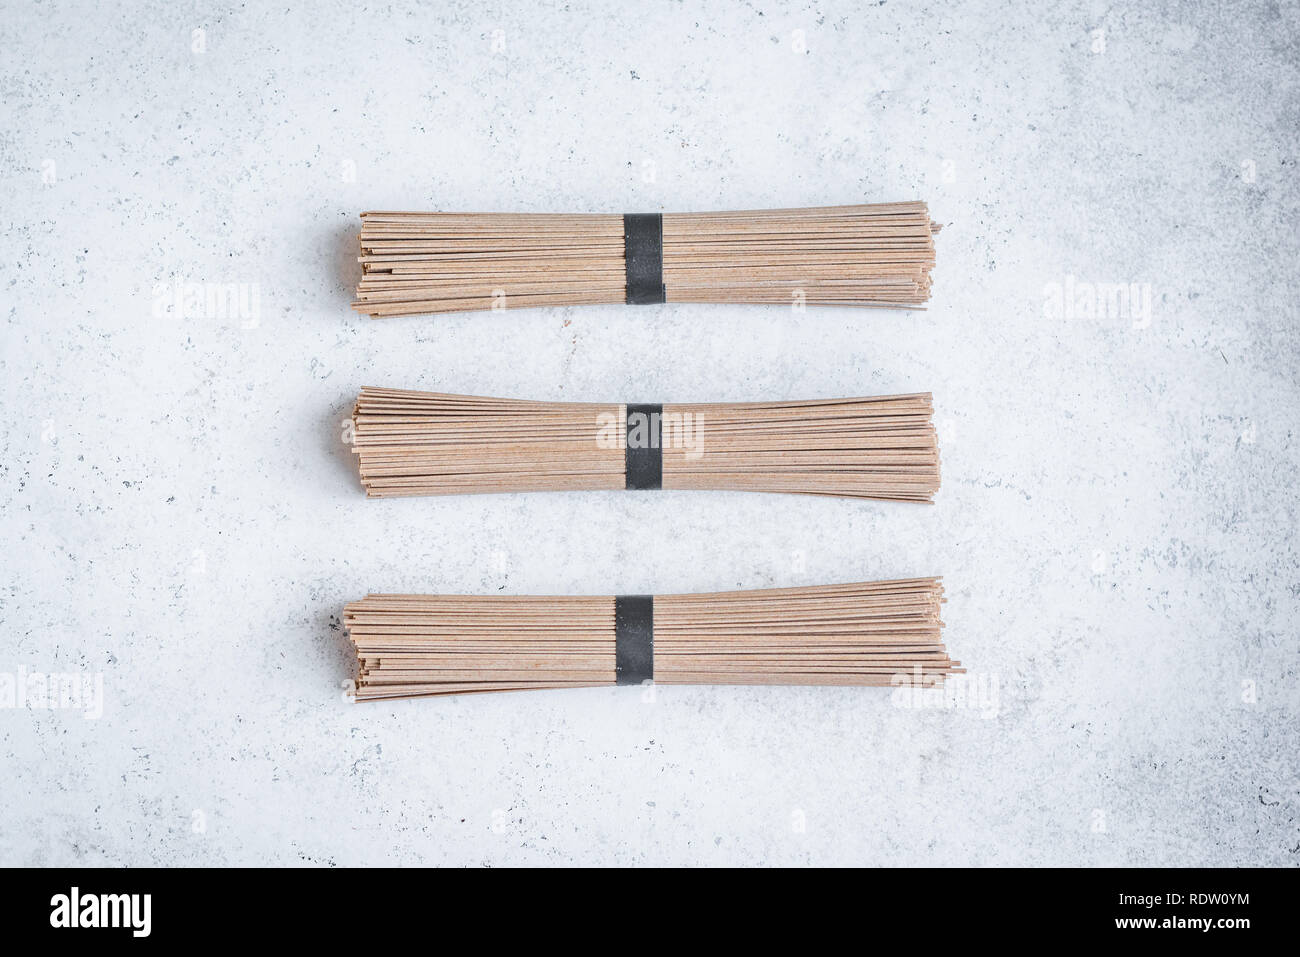 Fideos Soba - ingrediente alimentario tradicional asiática. Paquete de alforfón fideos soba en hormigón blanco de fondo, vista superior, espacio de copia. Foto de stock